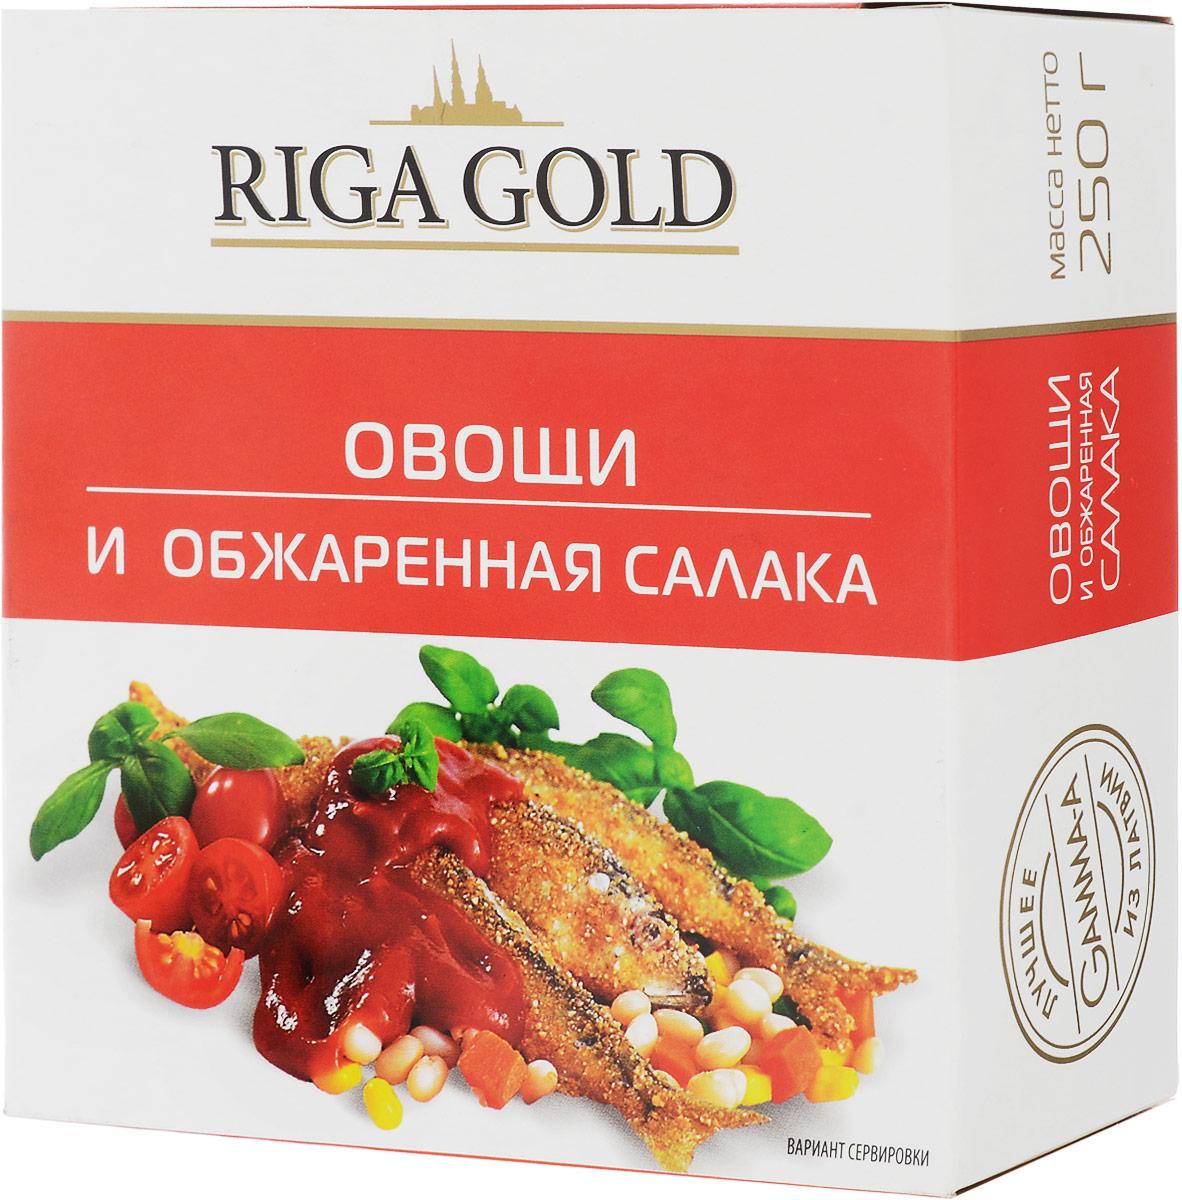 Рижское золото овощи и обжаренная салака, 250 г рижское золото овощи и норвежский лосось 250 г